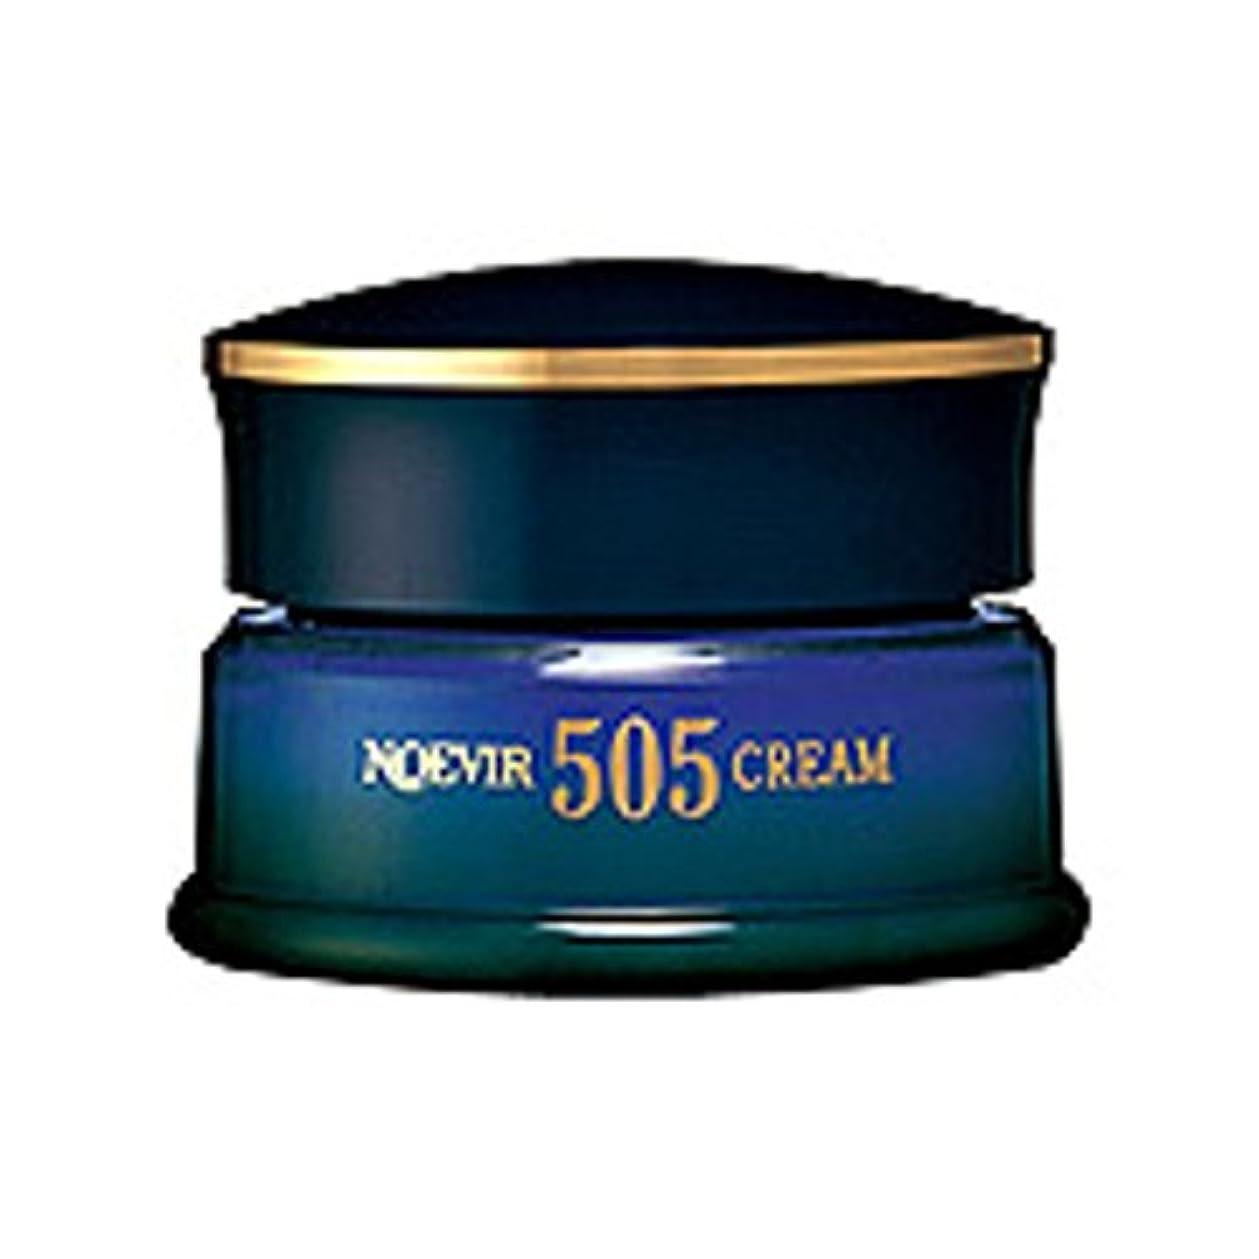 仲間、同僚ムス評価可能ノエビア 505 薬用クリーム 30g